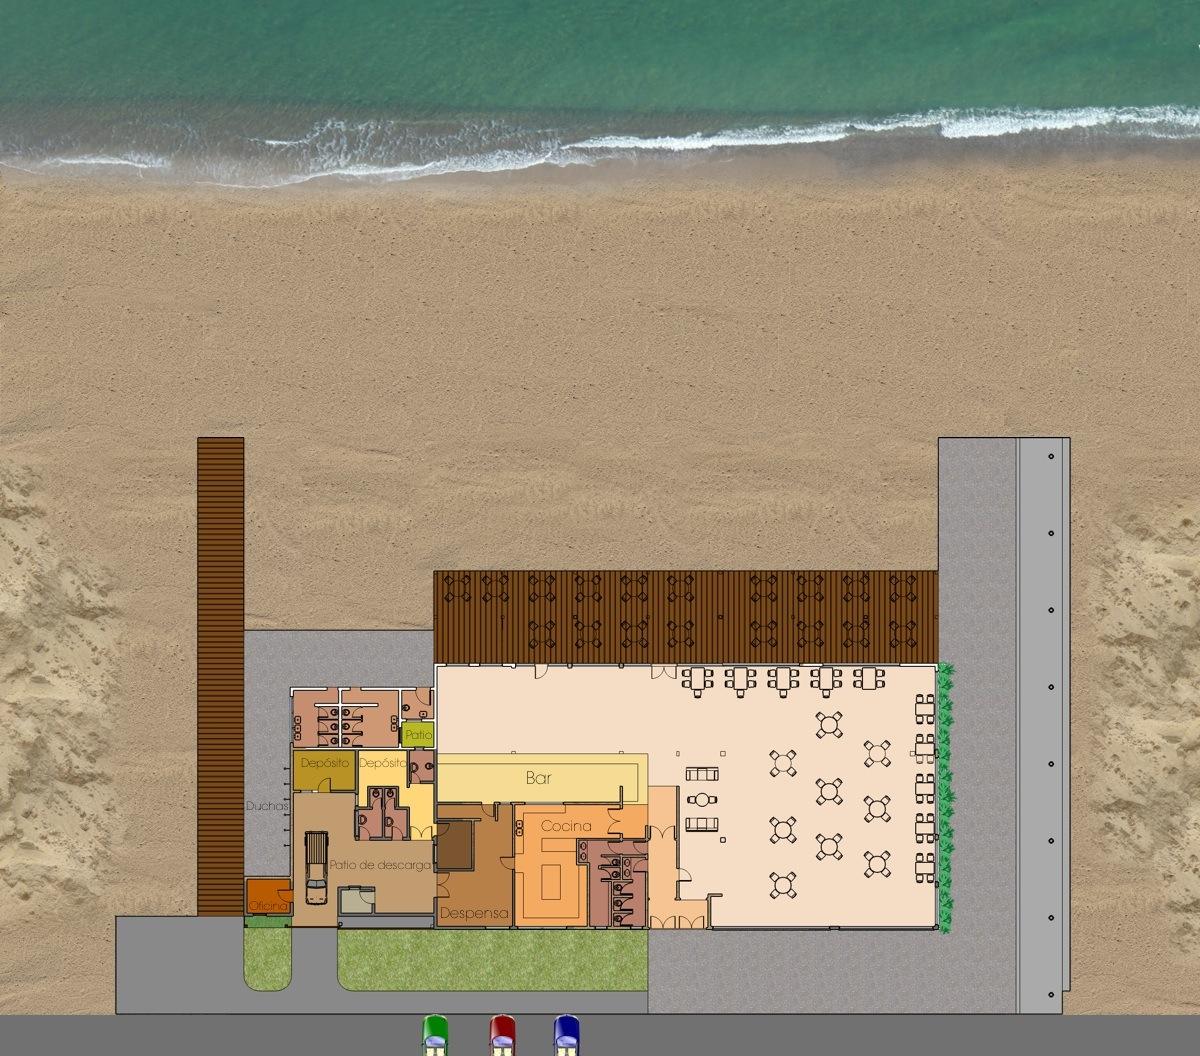 Bisas arquitectura y construcci n licitaci n parador for Arquitectura y construccion